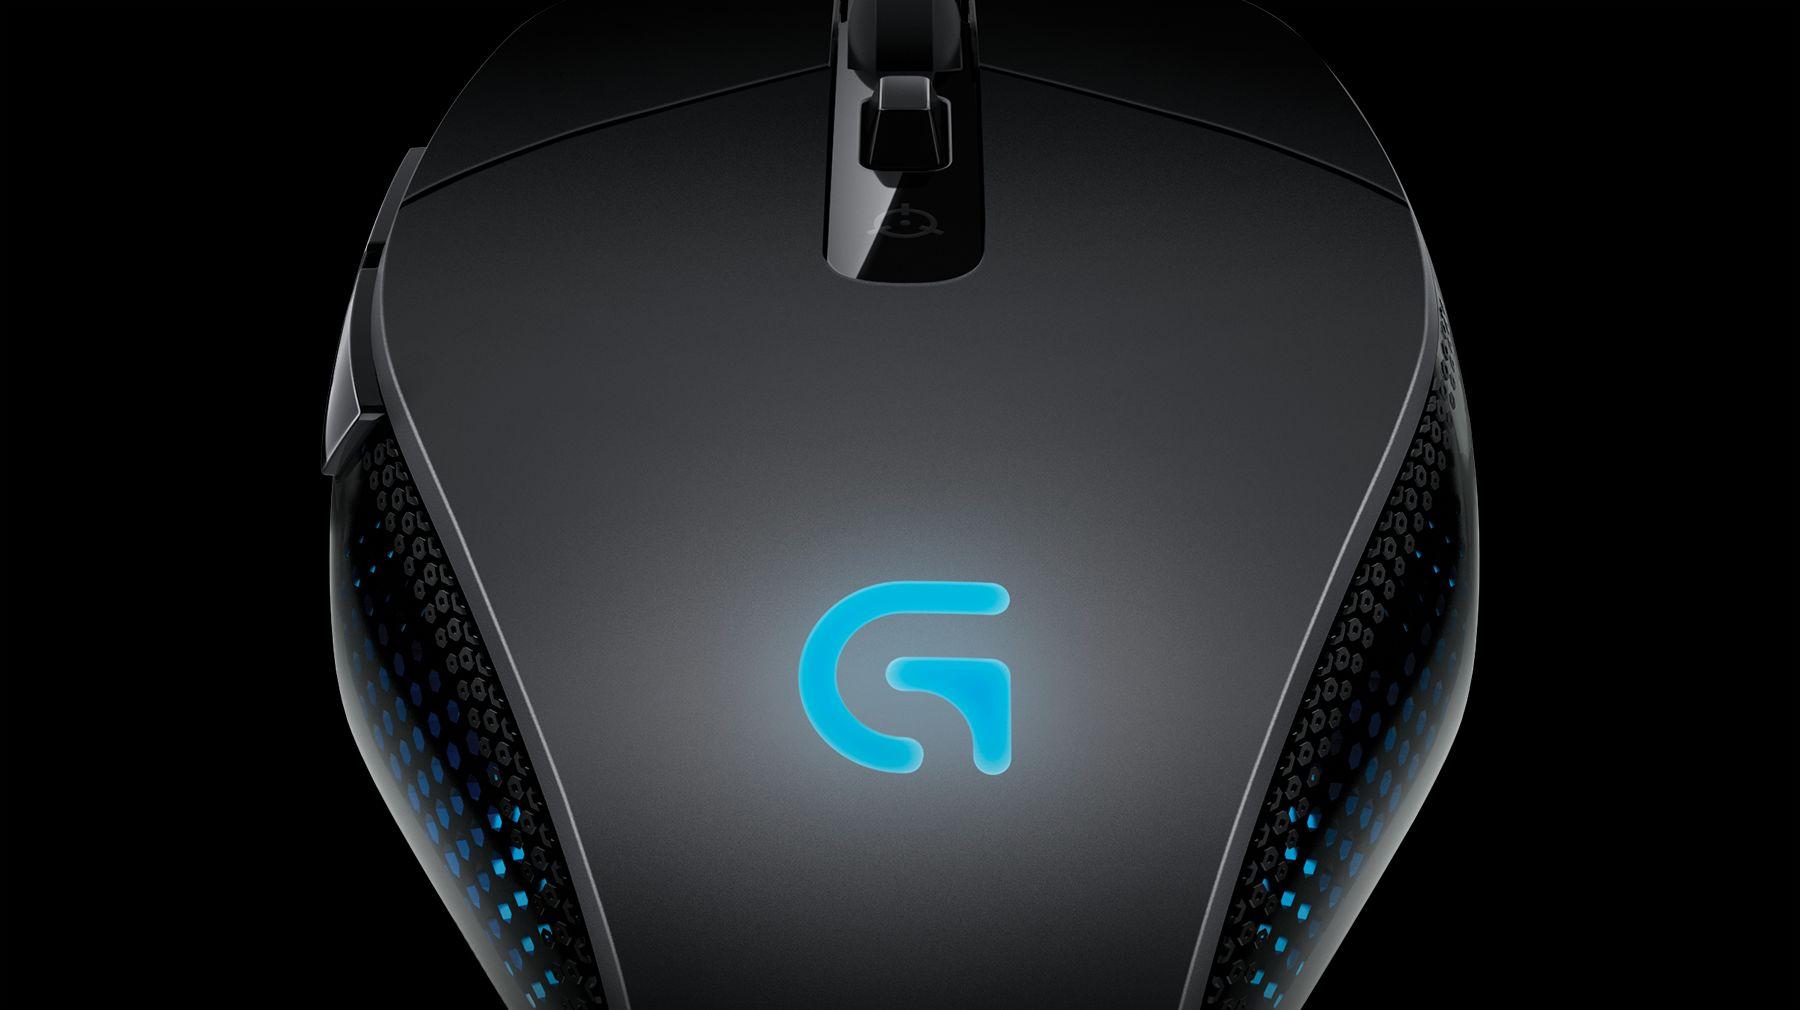 Chuột máy tính Logitech G302 tin hoc dai viet